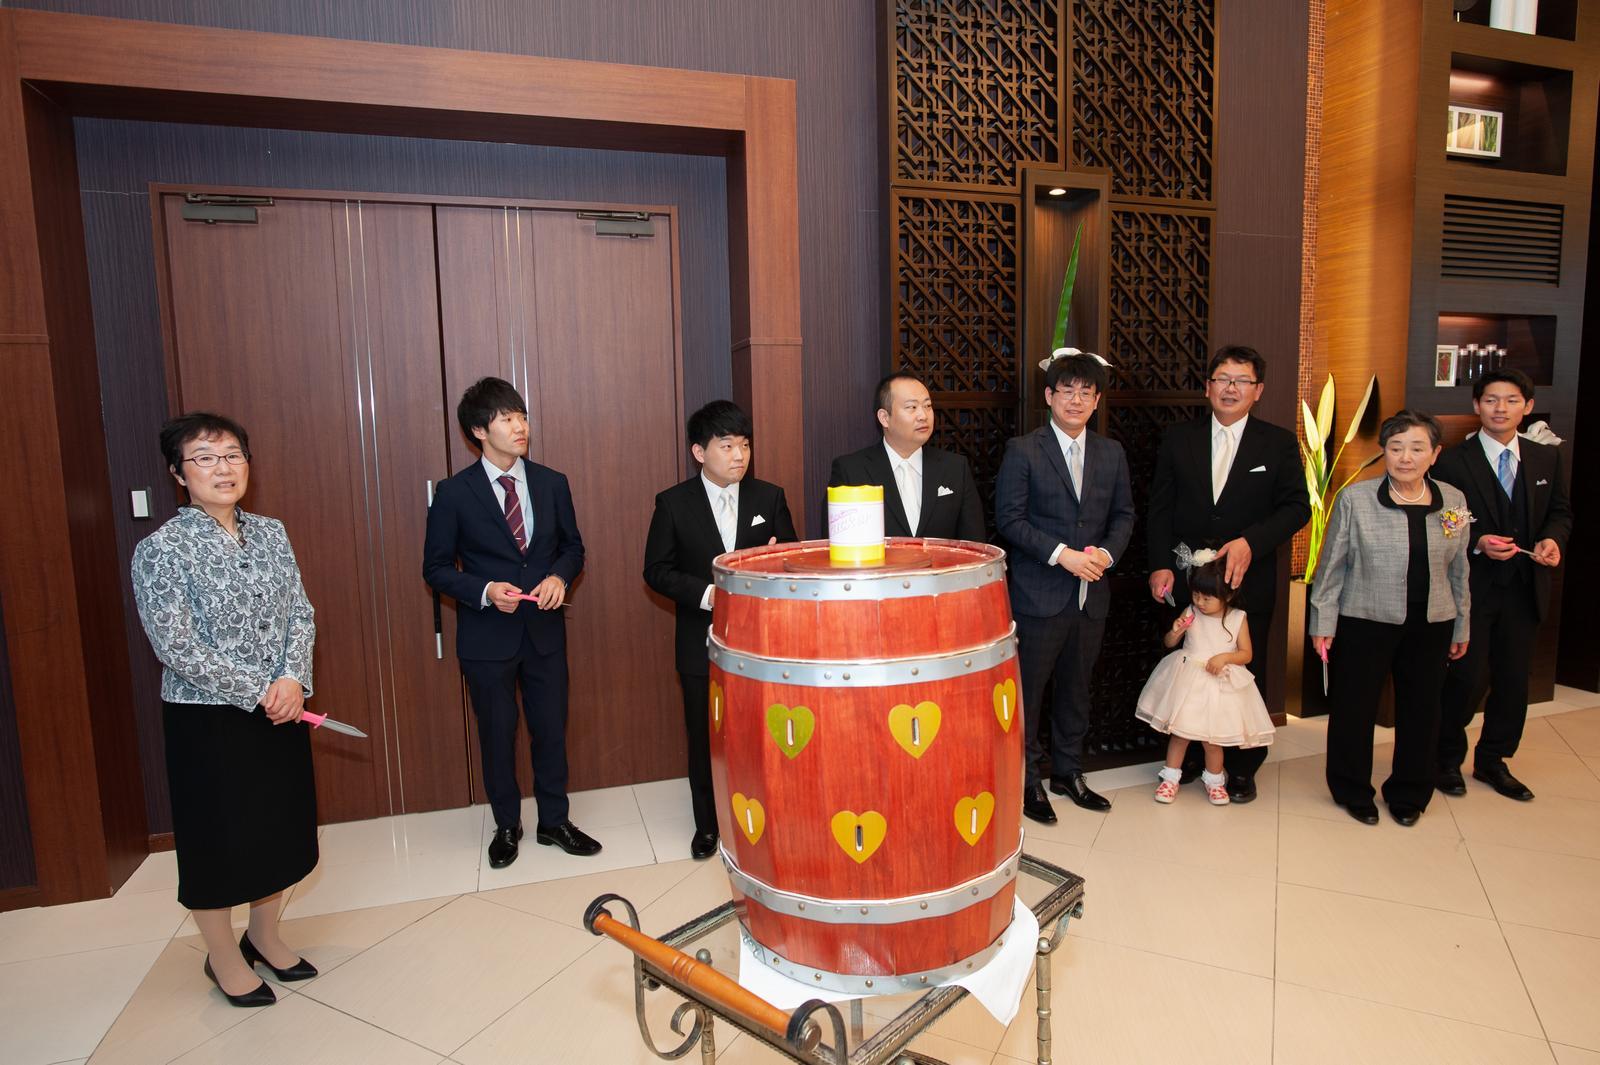 徳島県の結婚式場ブランアンジュの披露宴で樽クラッカーゲームに参加するゲスト